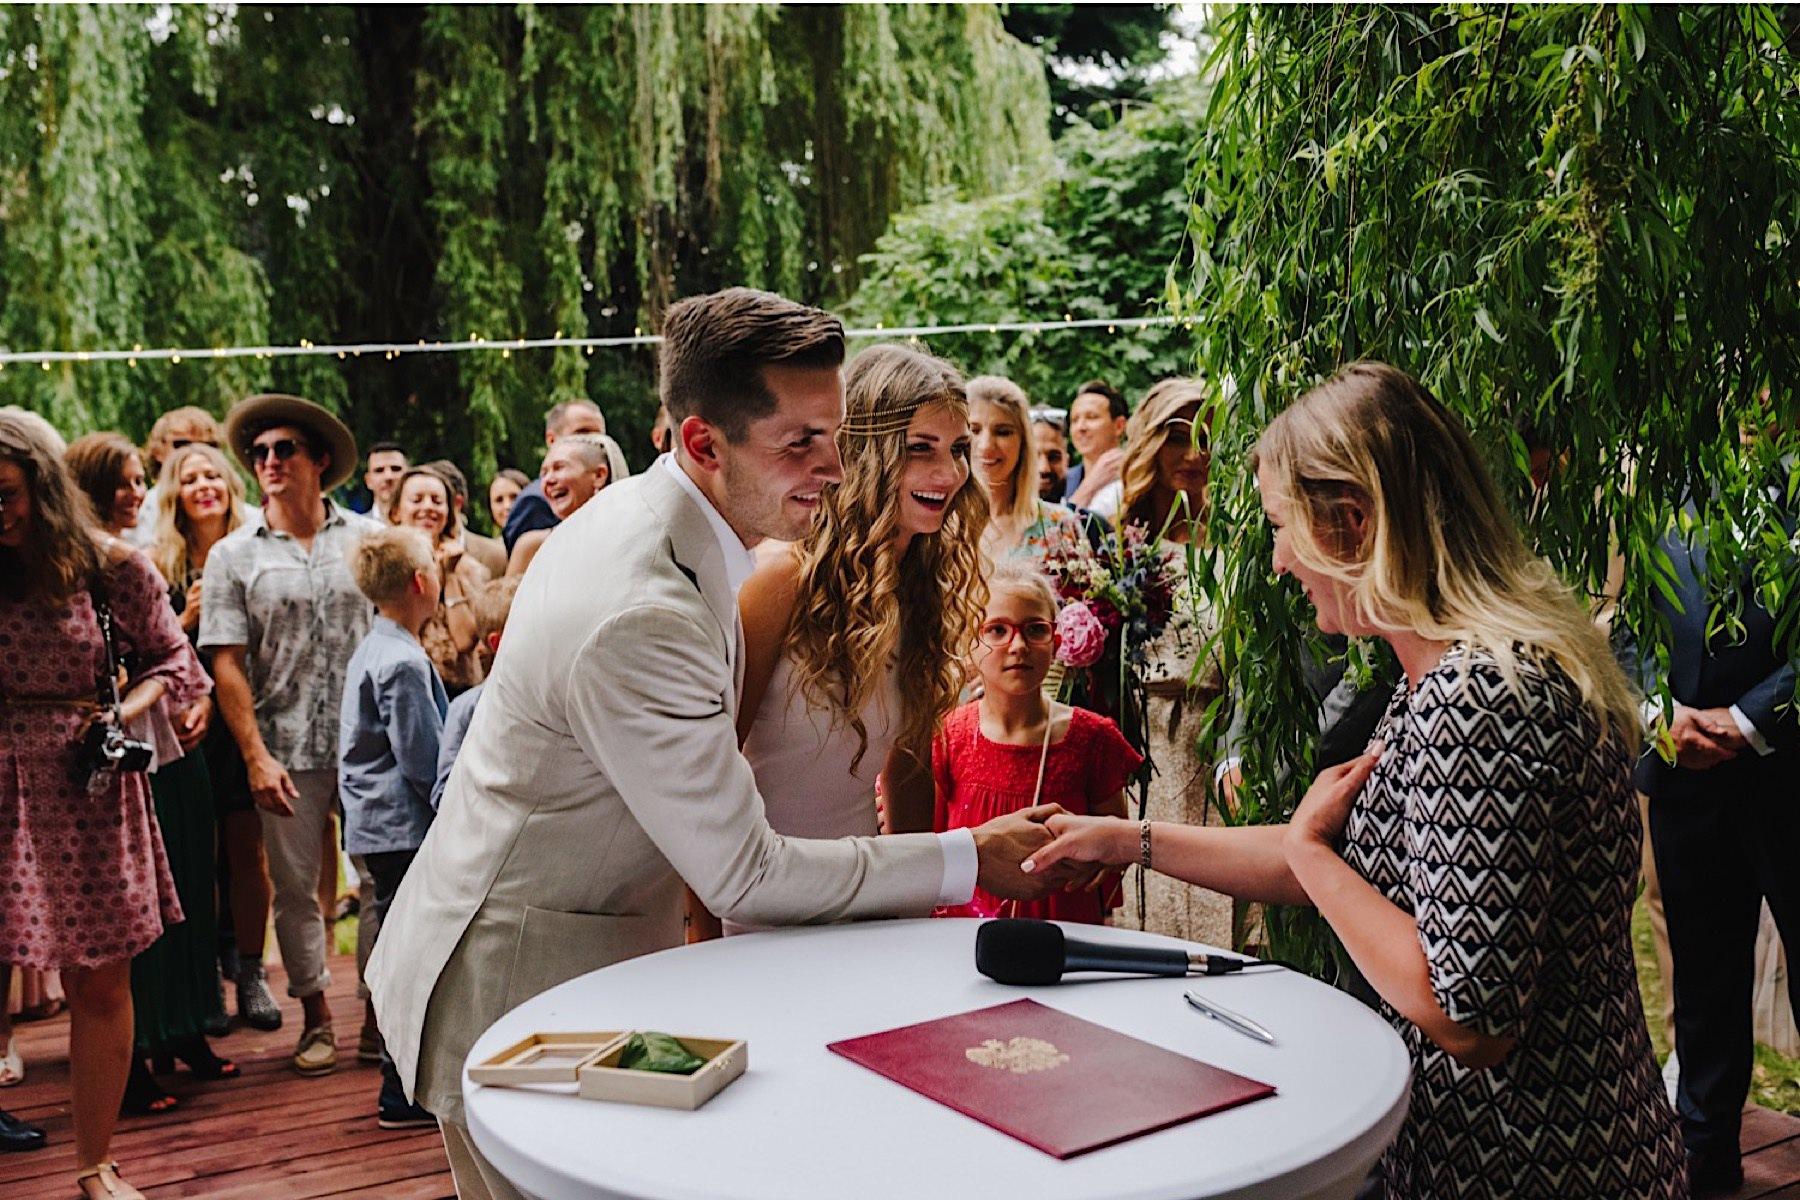 slub w ogrodzie, slub plenerowy, wesele w ogrodzie, wesele w namiocie, wesele w hippisowskim stylu, styl festiwalowy, plenerowy slub, slowwedding, slub plenerowy w ogrodzie, klimatyczny slub, slub w plenerze